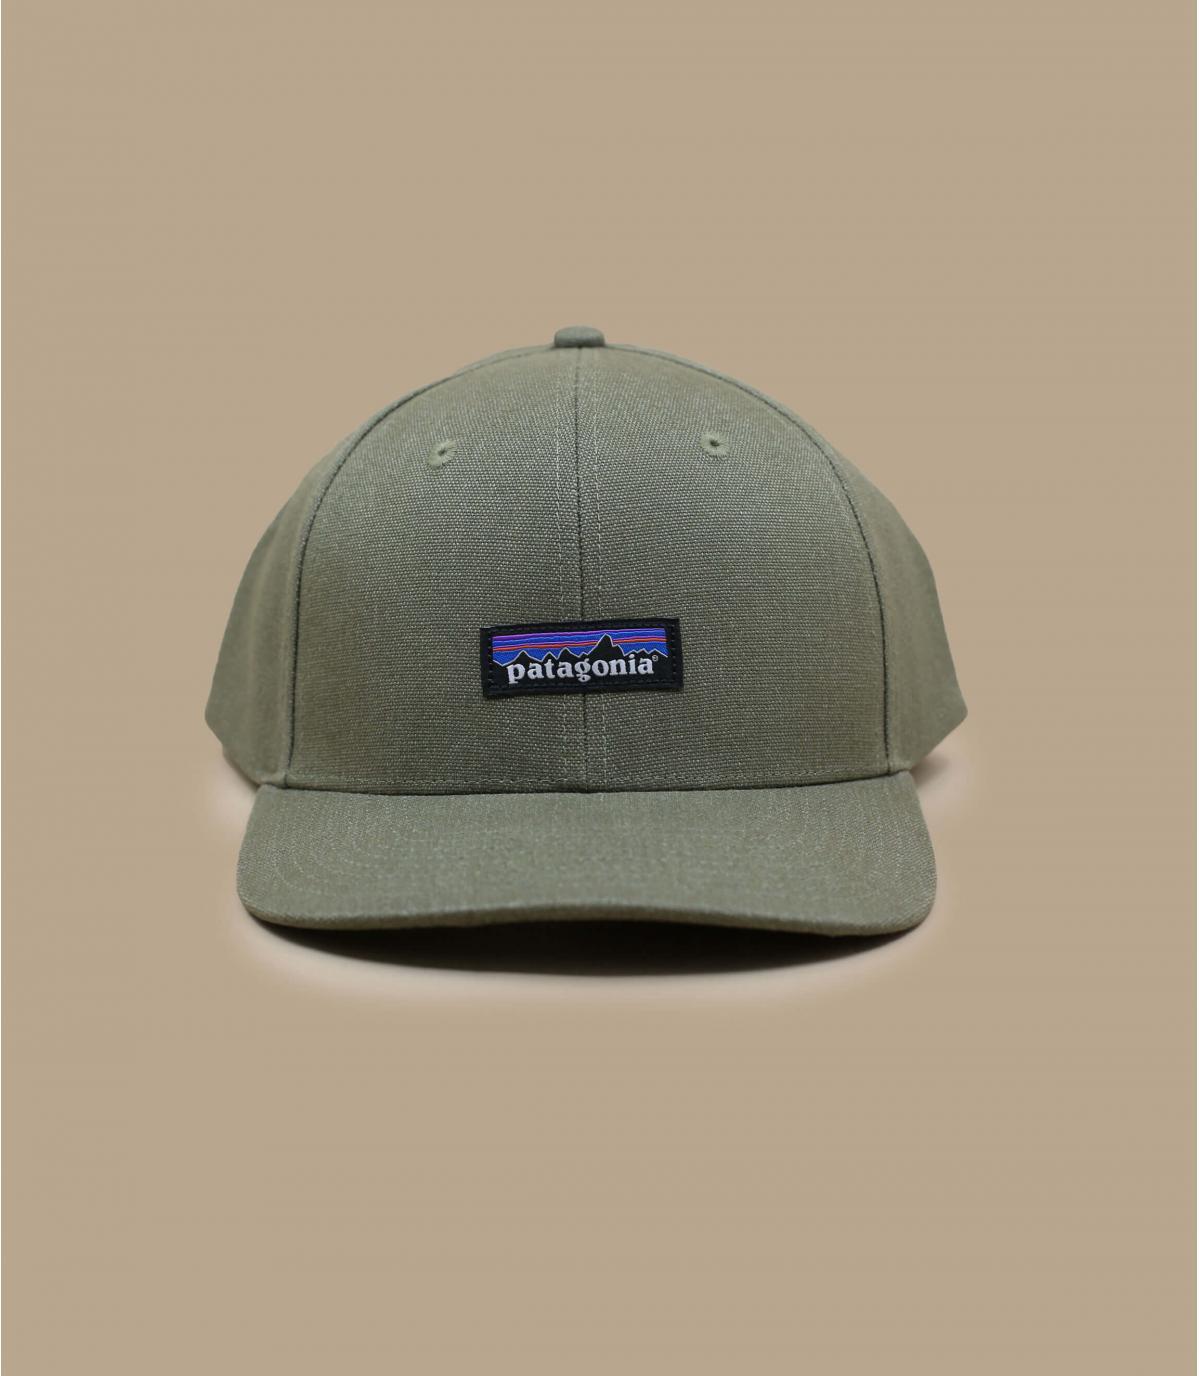 casquette Patagonia vert